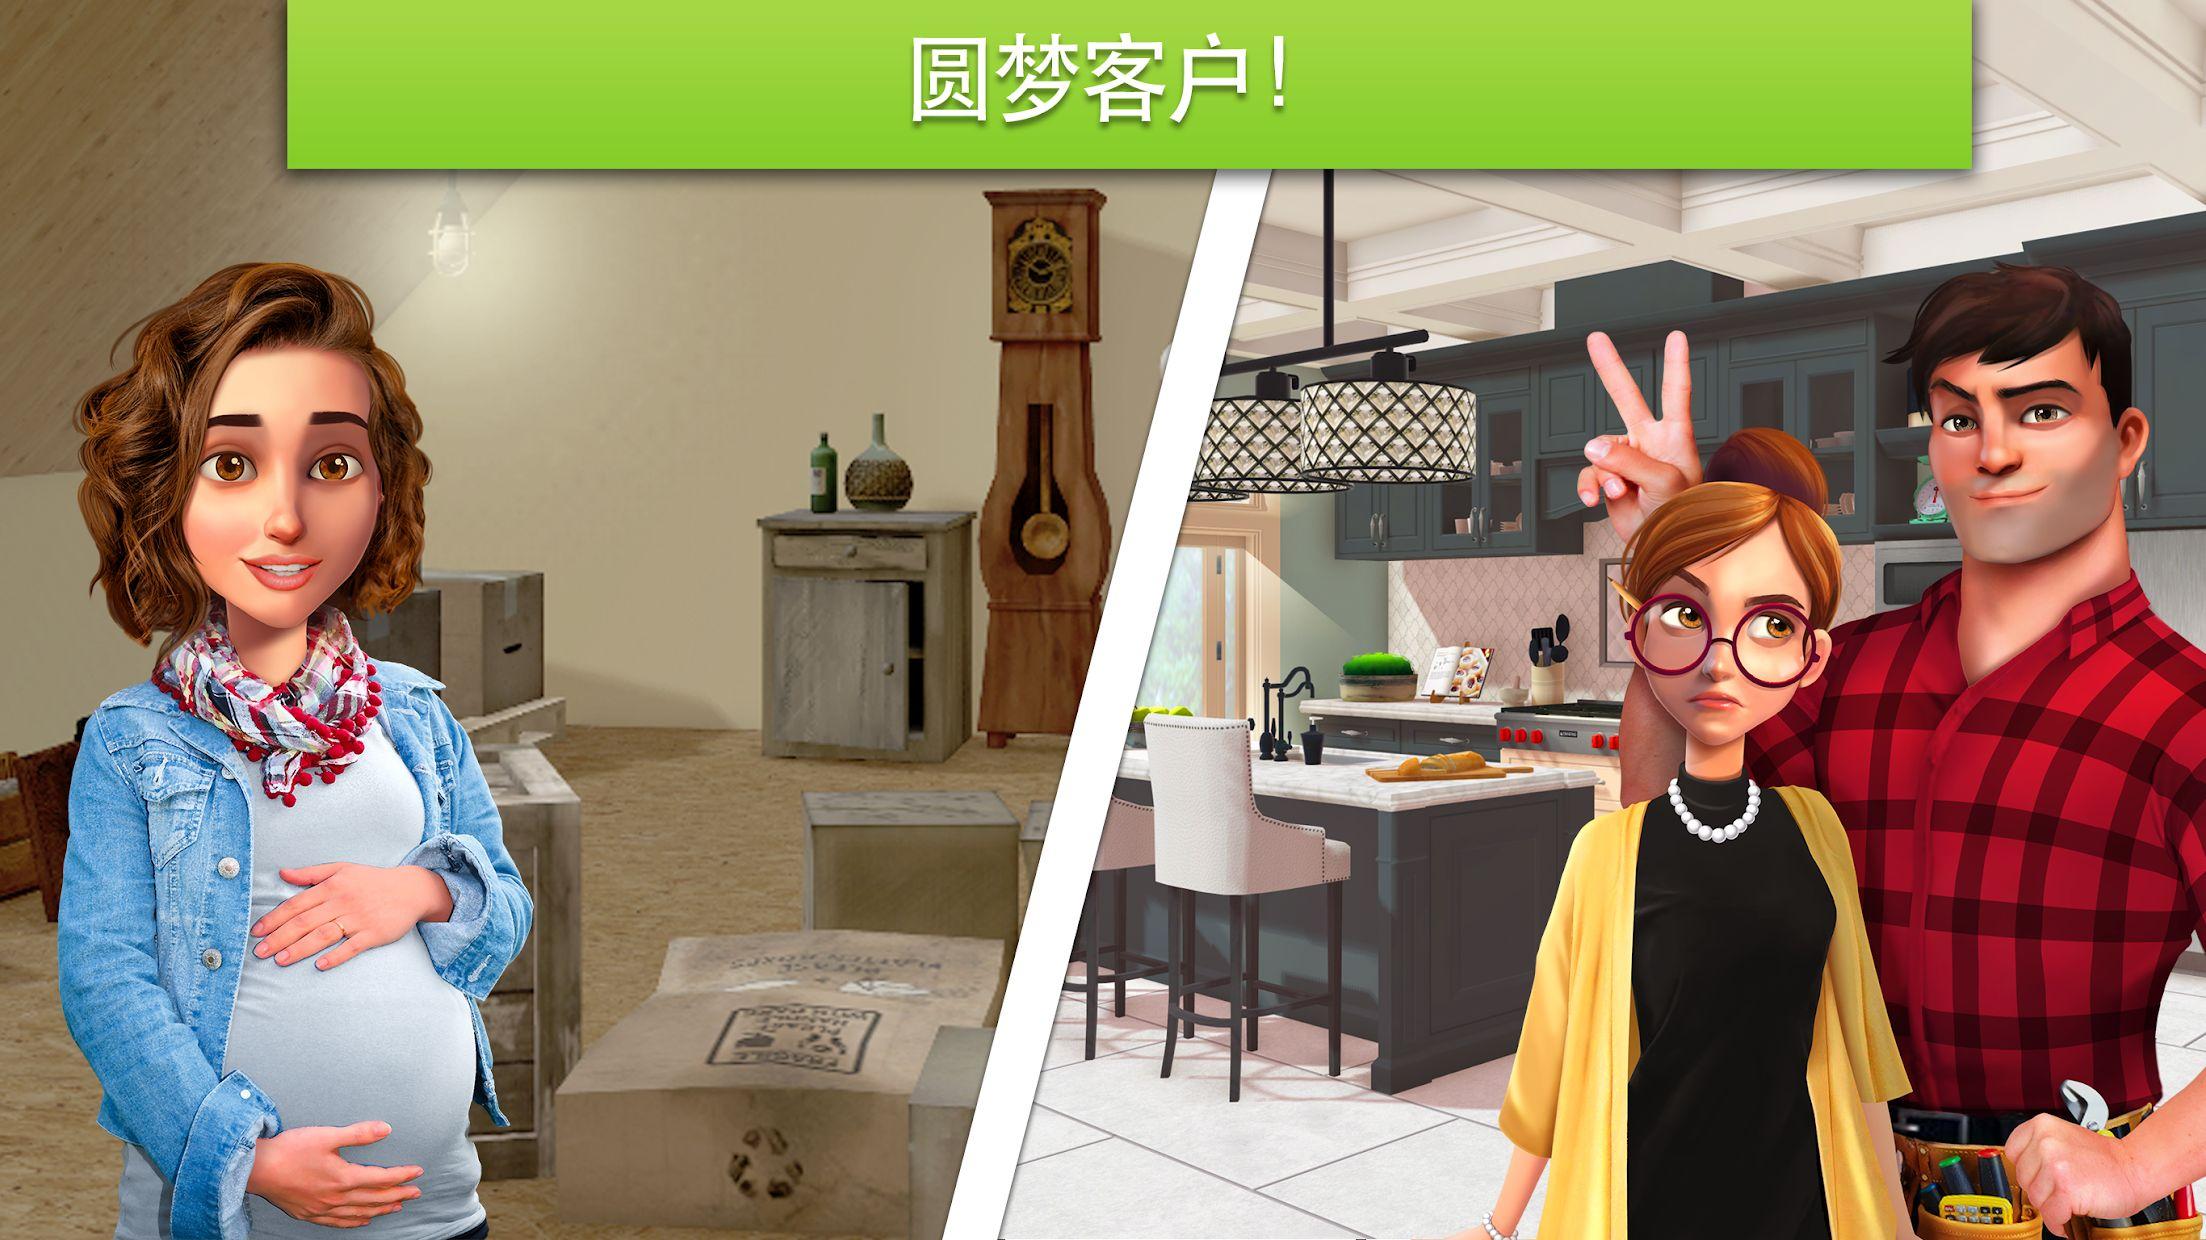 家居设计 改造王 游戏截图4